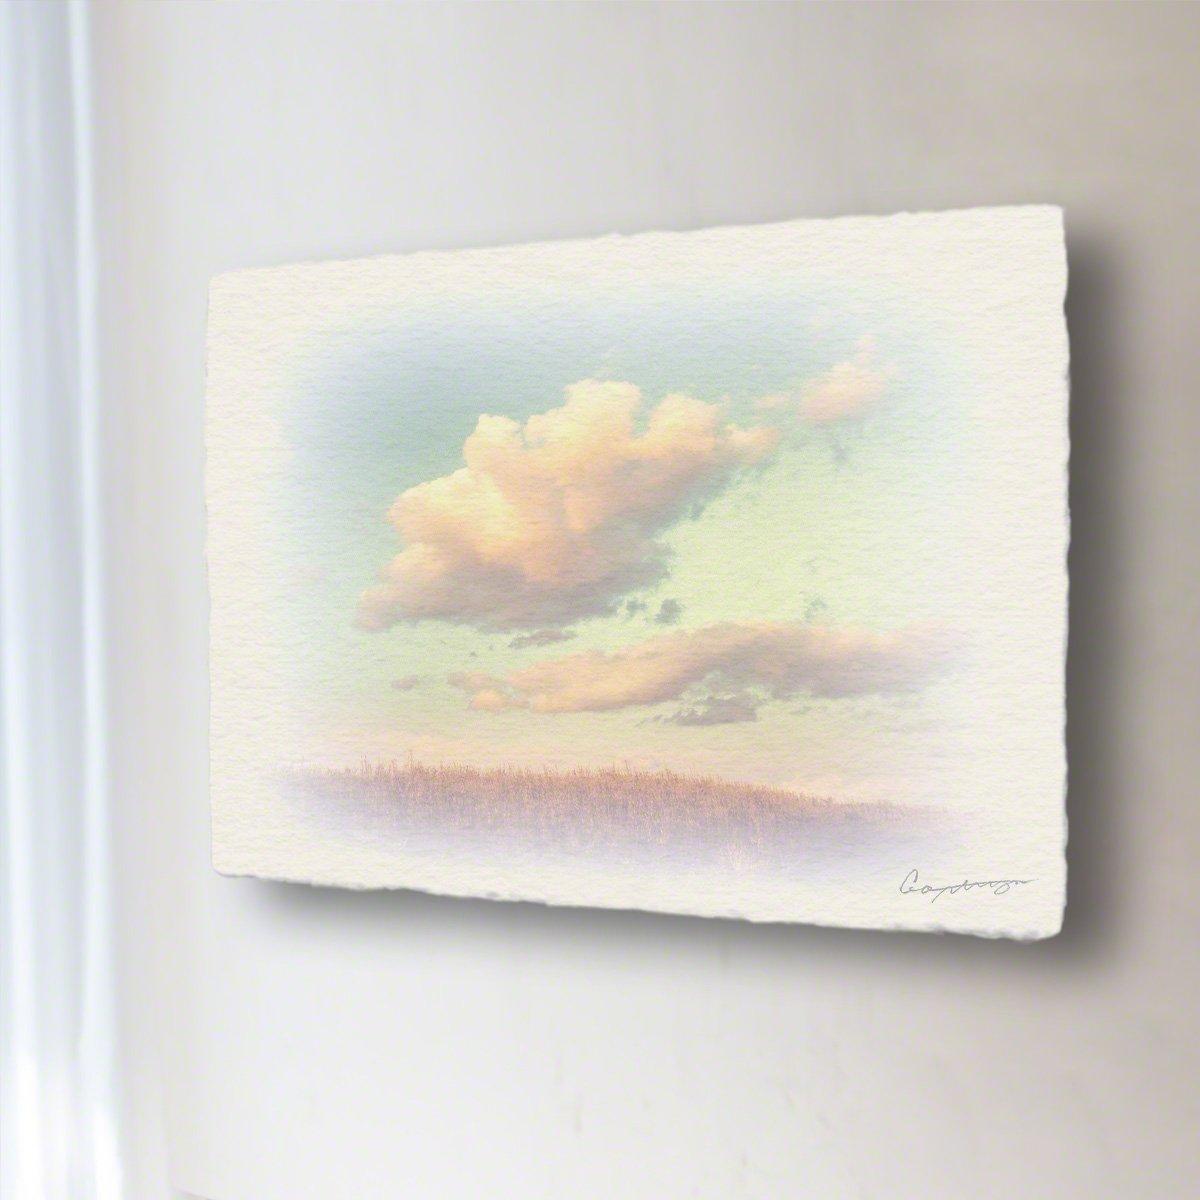 和紙 アートパネル「葺原に浮かぶ夕暮れ雲」 (40x30cm) 絵 絵画 壁掛け 壁飾り インテリア アート B07BCCZ96H 14.アートパネル(長辺45cm) 18800円|葺原に浮かぶ夕暮れ雲 葺原に浮かぶ夕暮れ雲 14.アートパネル(長辺45cm) 18800円